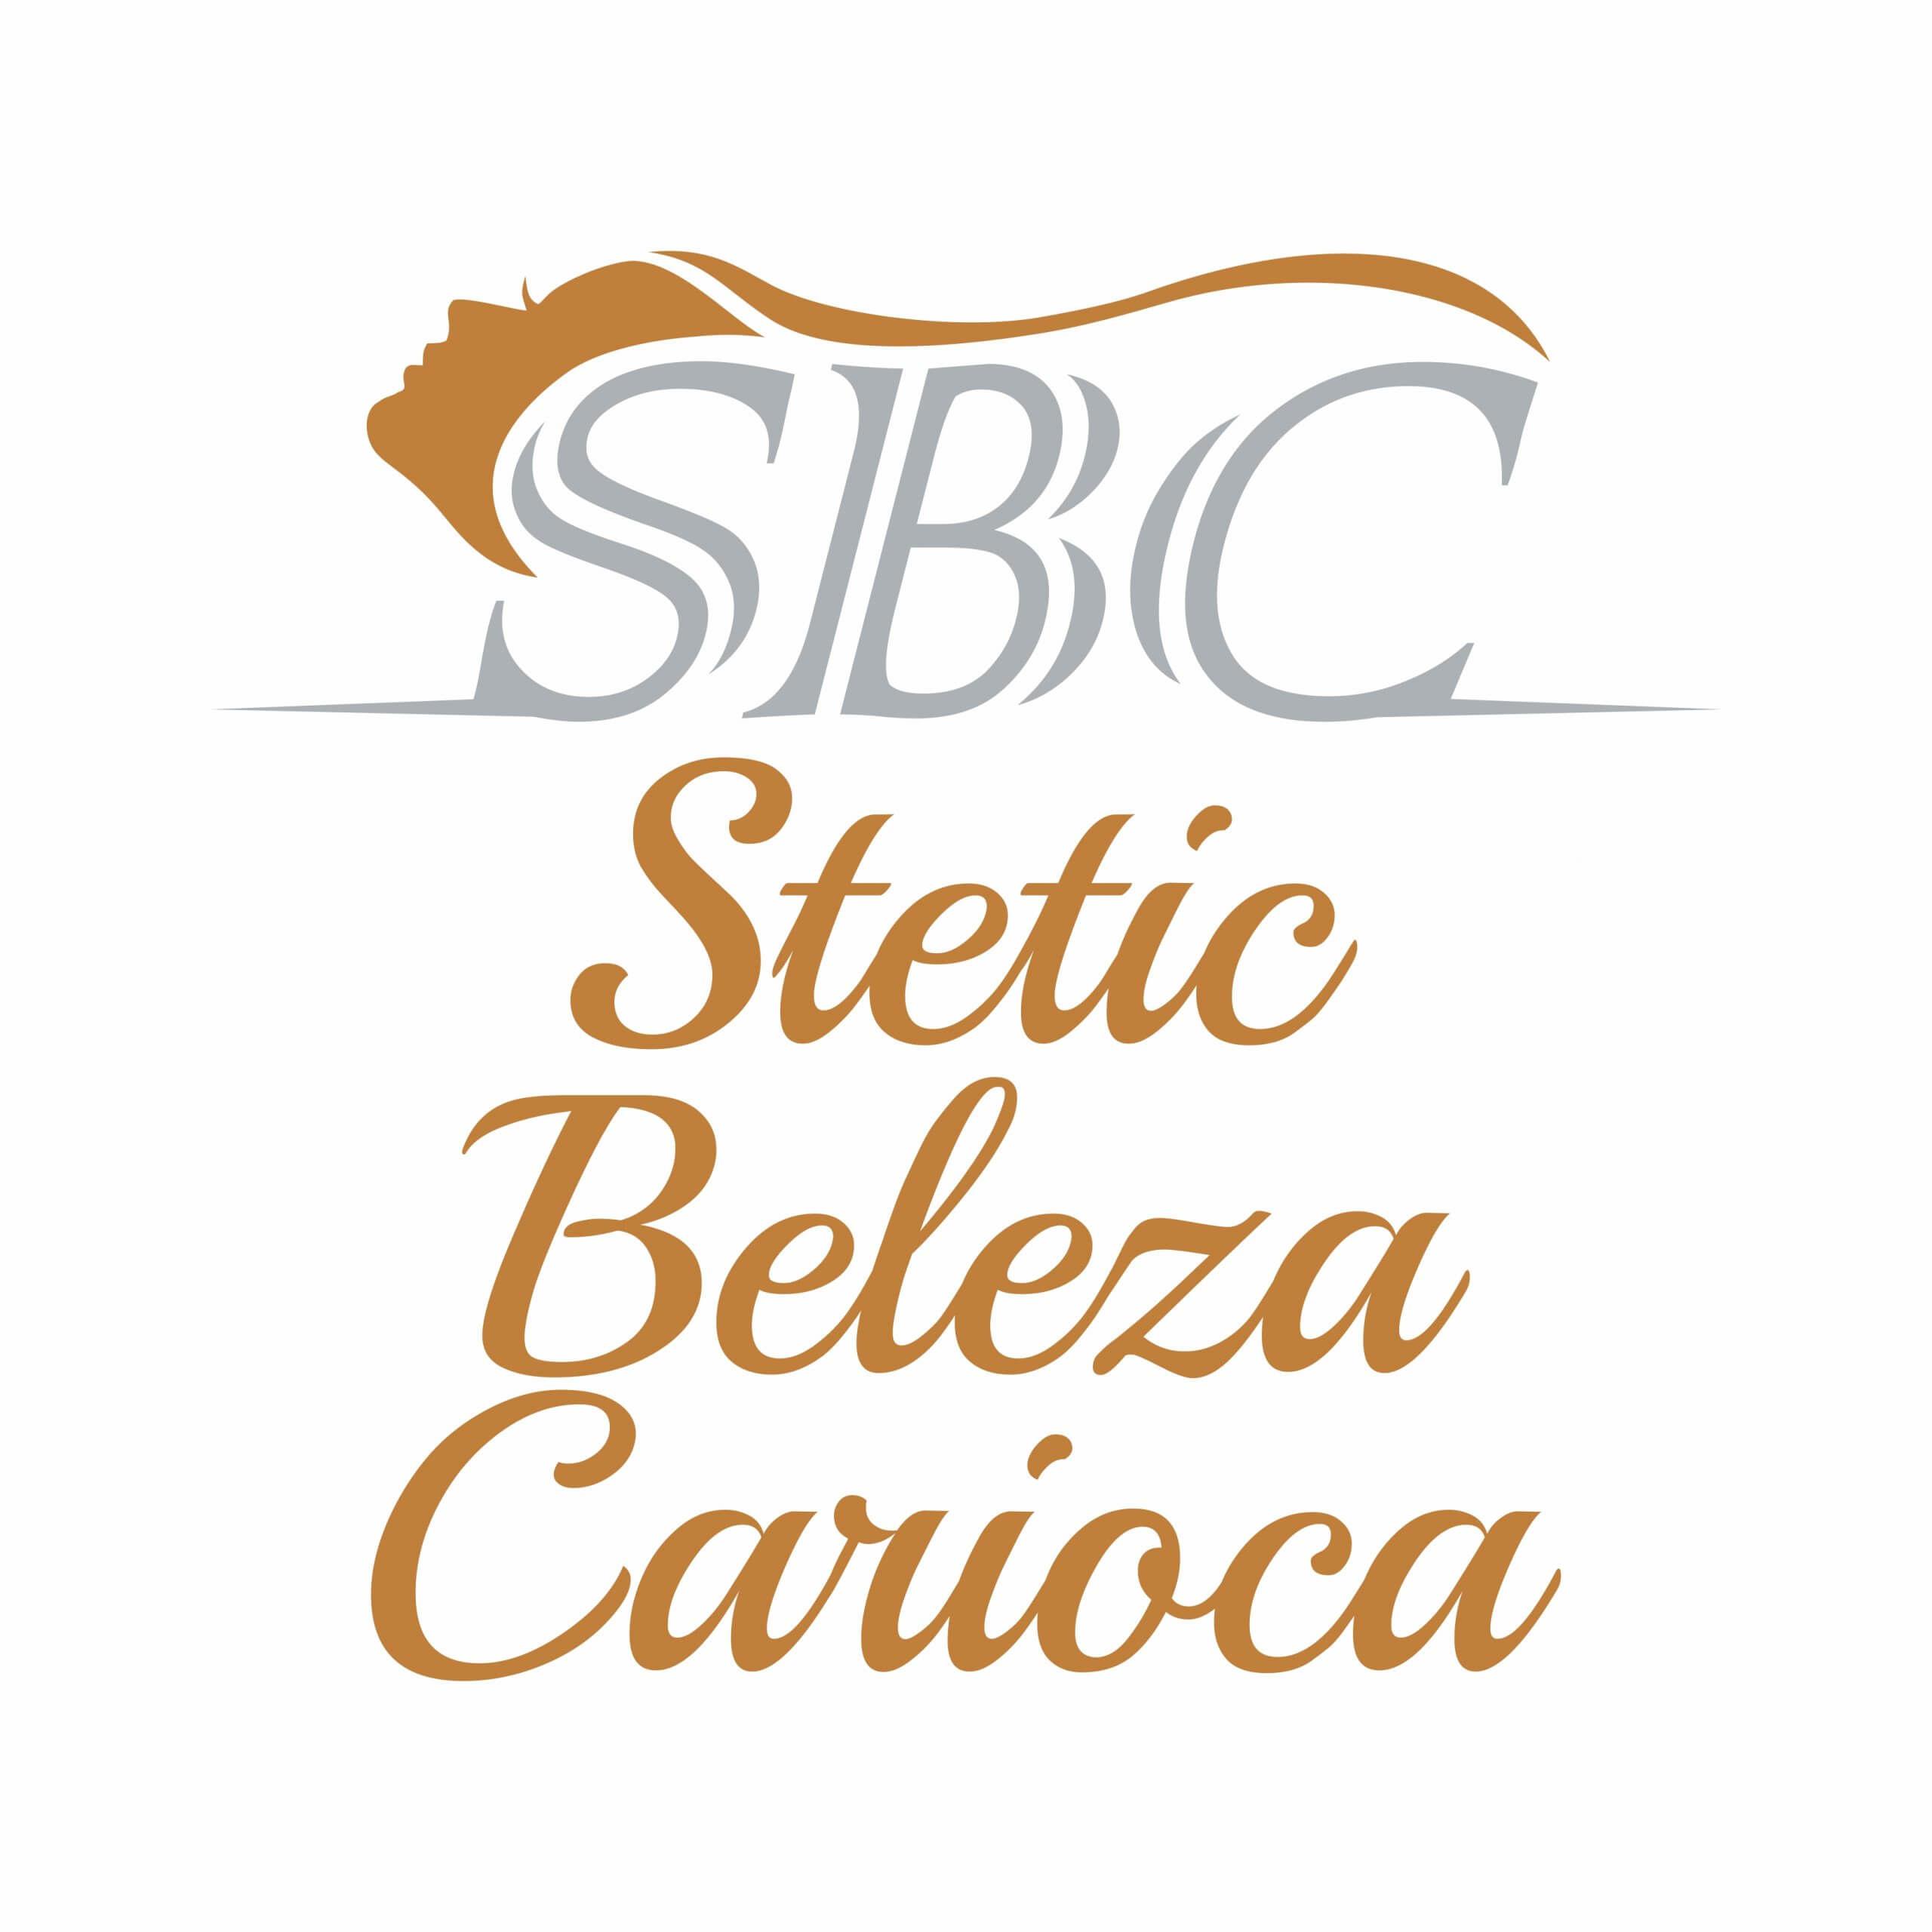 Stetic Beleza Carioca